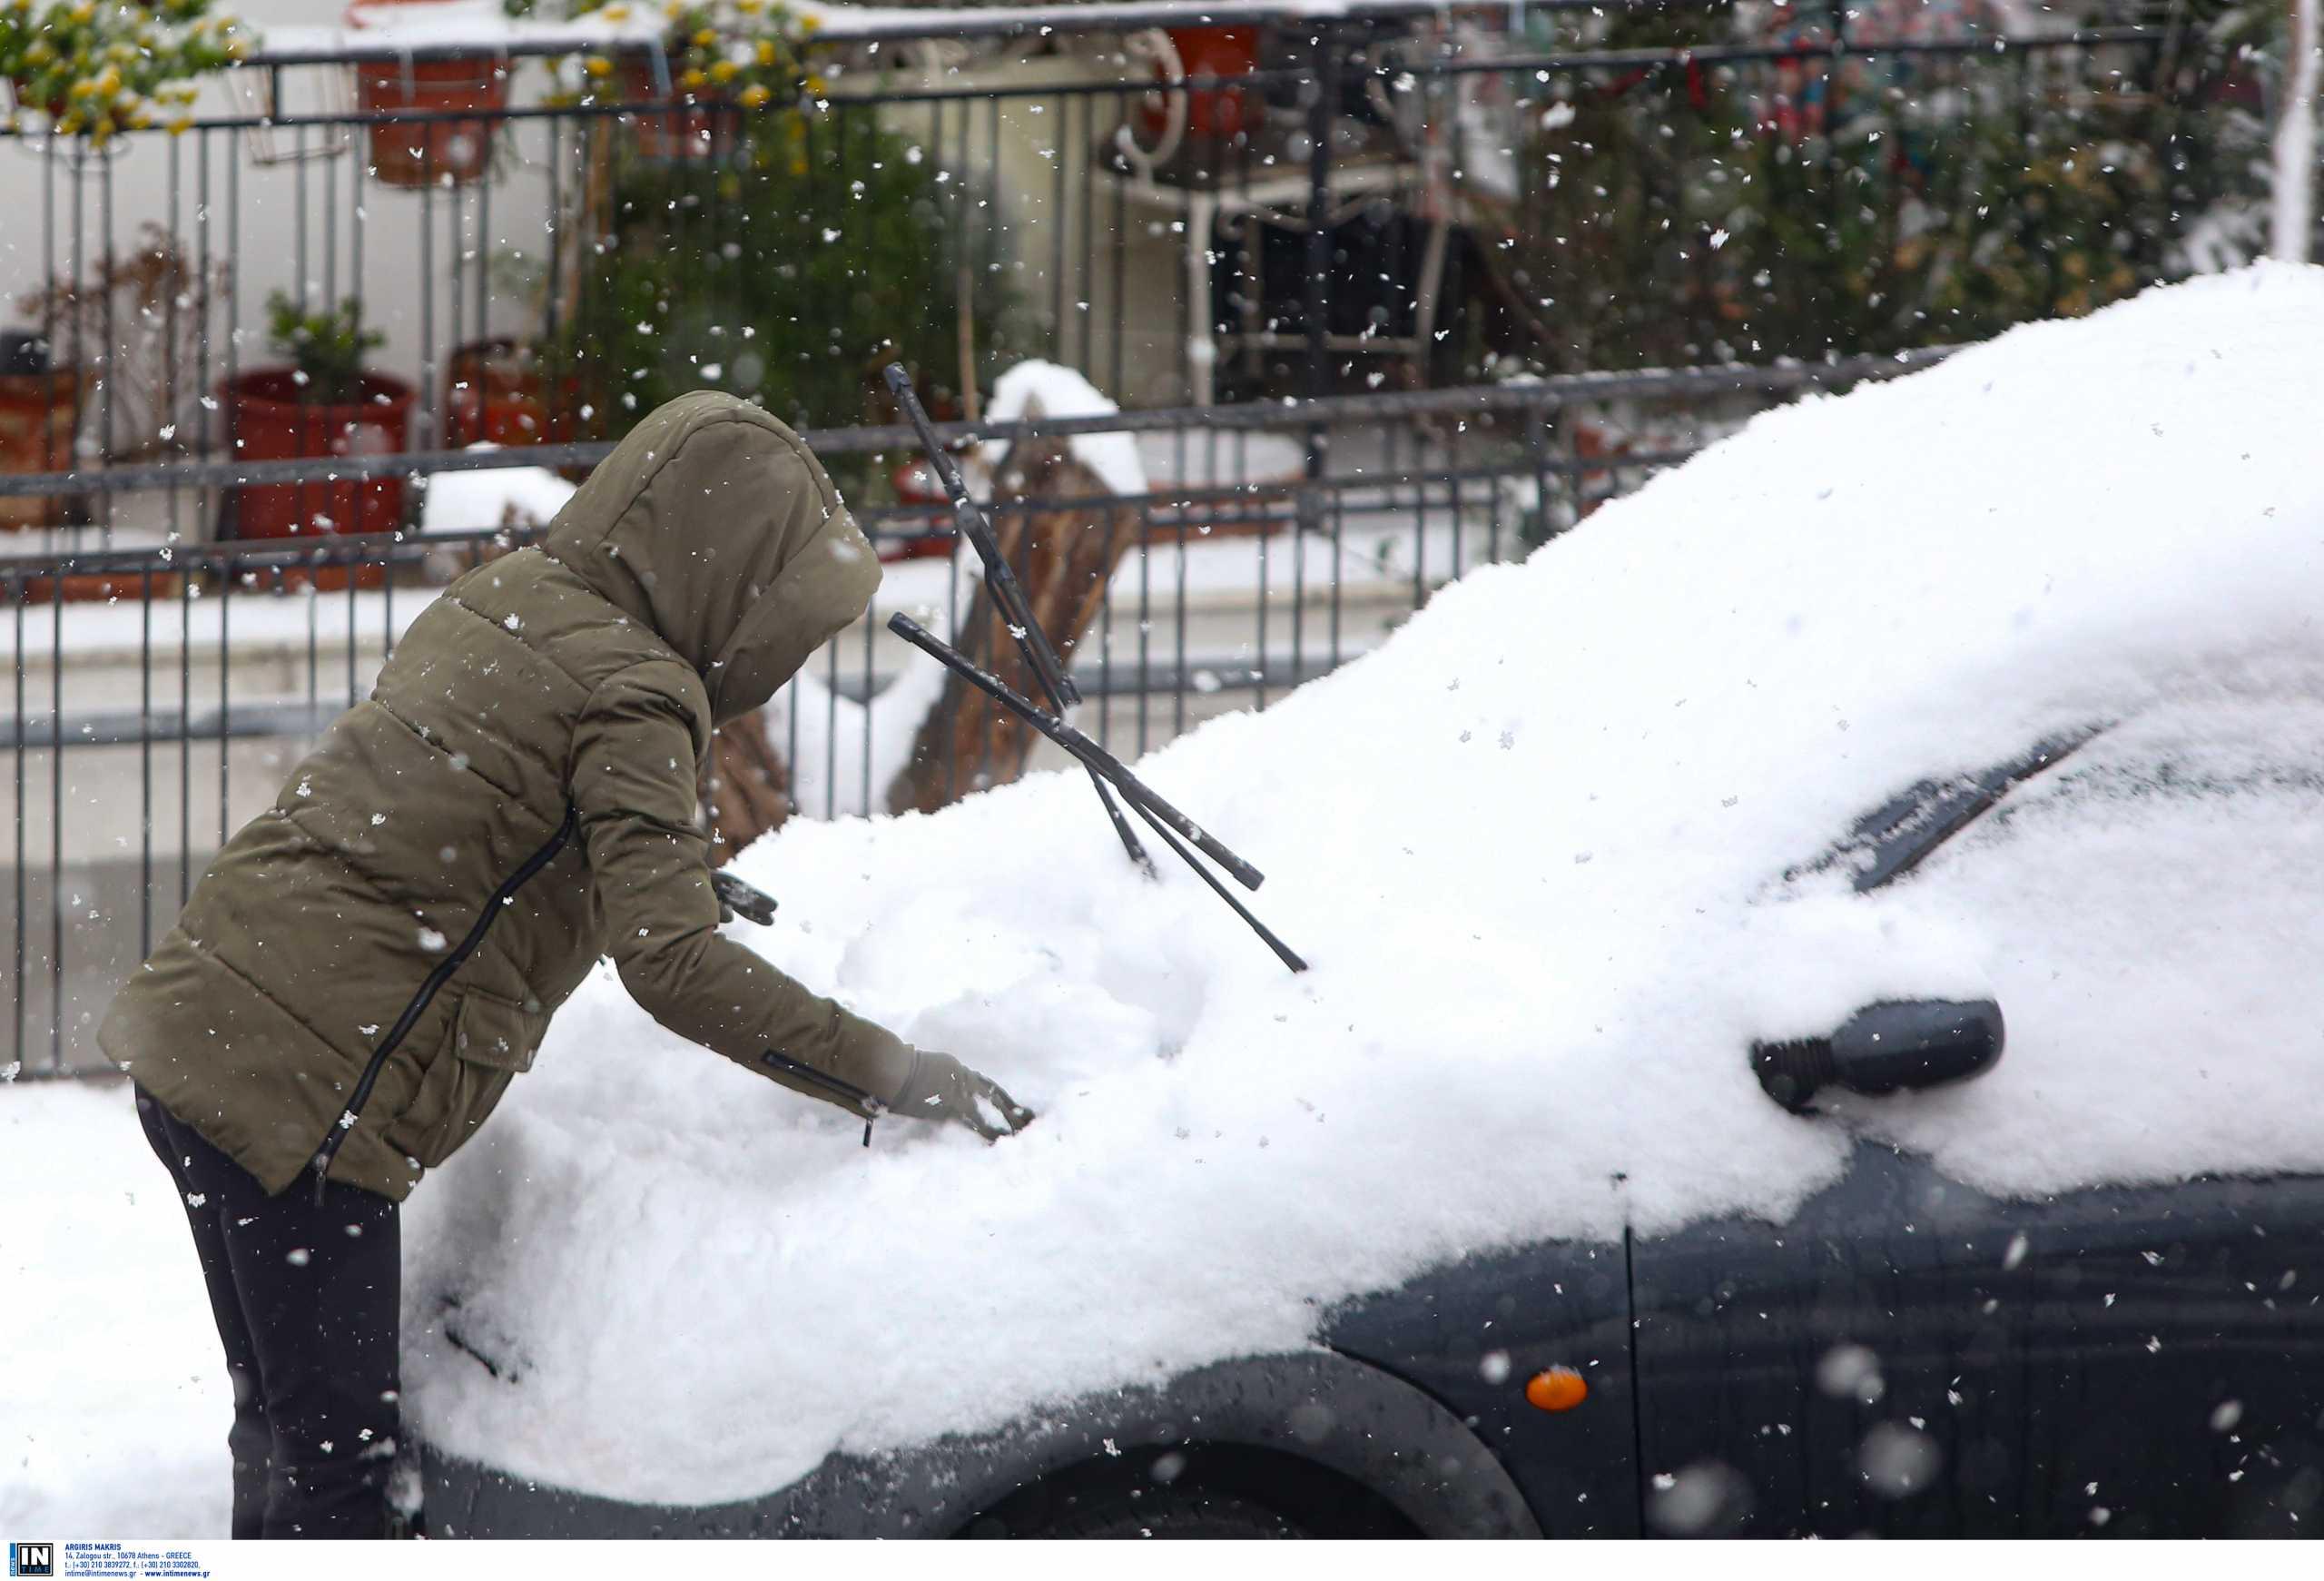 Καιρός – Κακοκαιρία Μήδεια: Πυκνό χιόνι σε Πιερία και Ημαθία – Τα πάντα λευκά μέχρι τη θάλασσα (video)